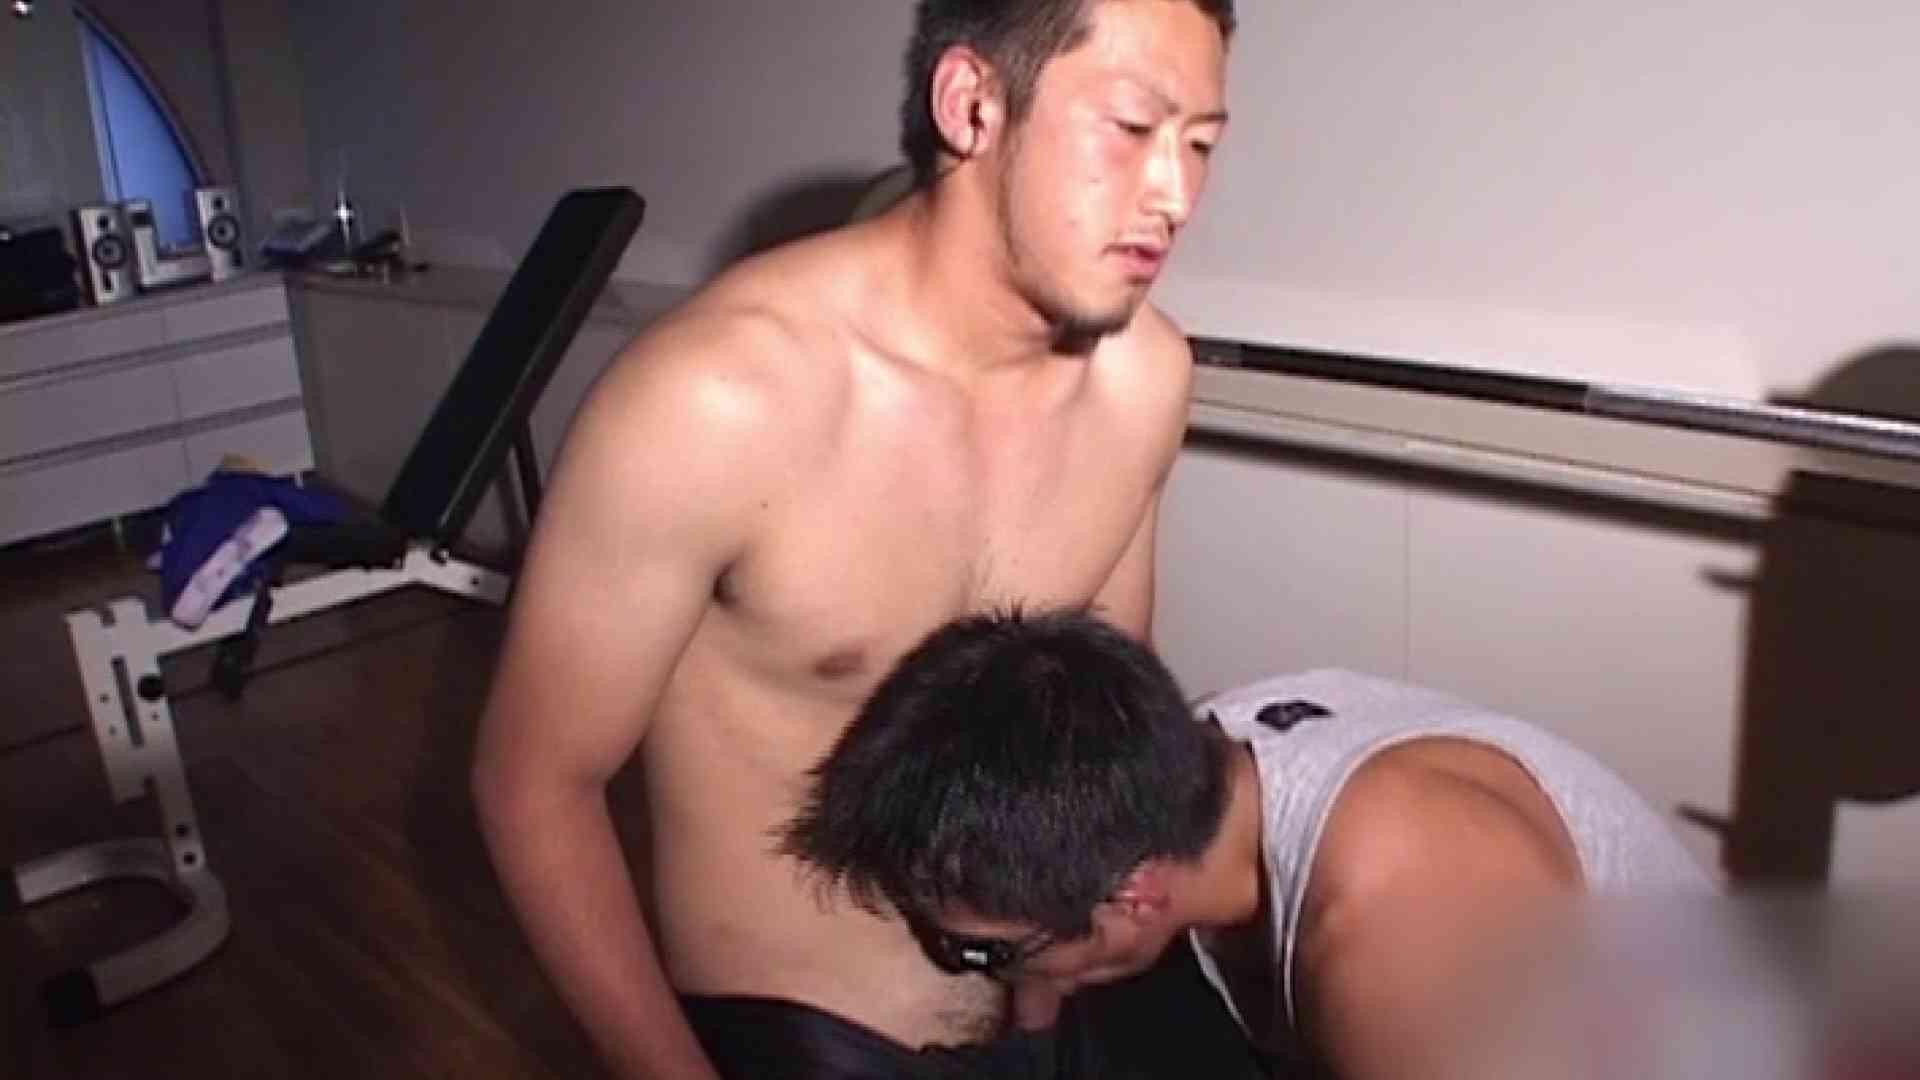 珍肉も筋肉の内!!vol.1 モザ無し ゲイ無修正動画画像 86枚 47